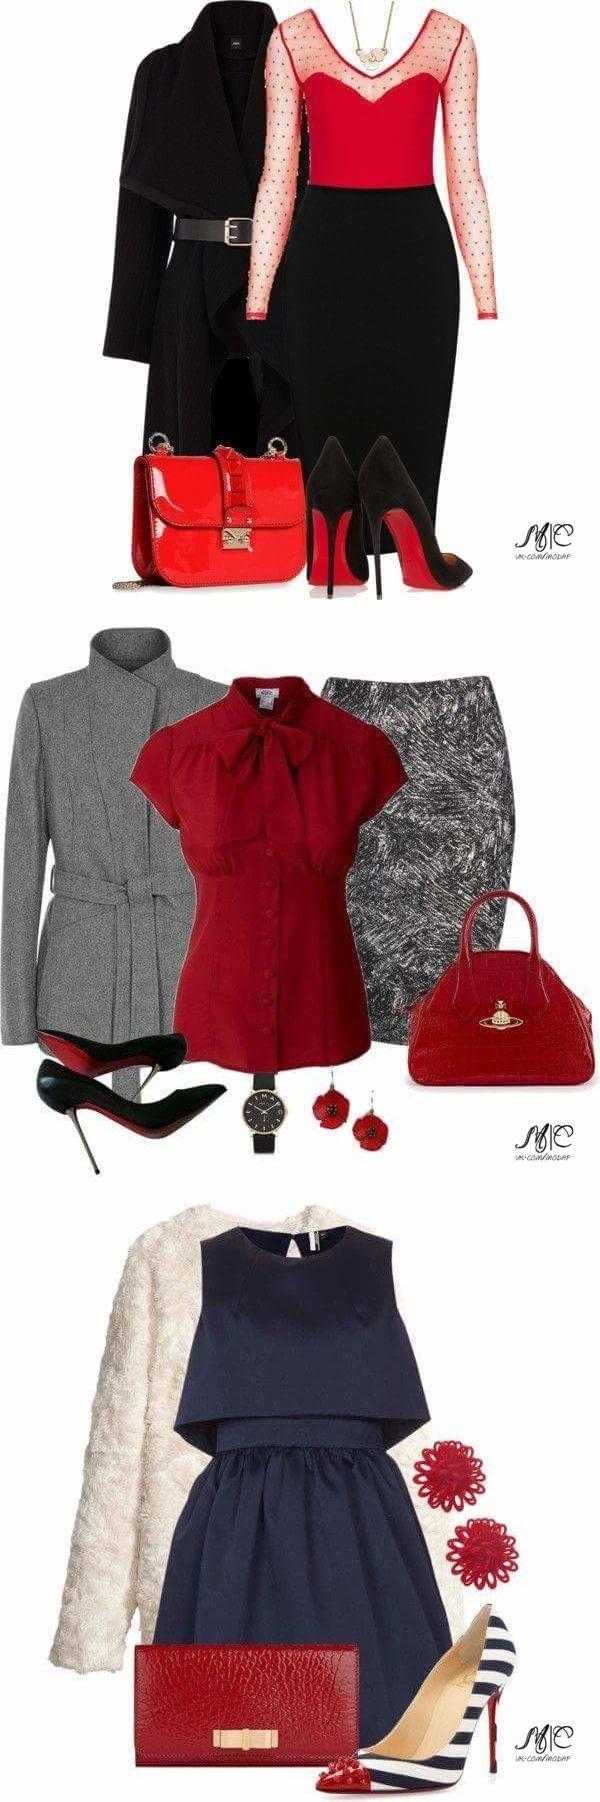 Look! Красная сумочка! — Модно / Nemodno